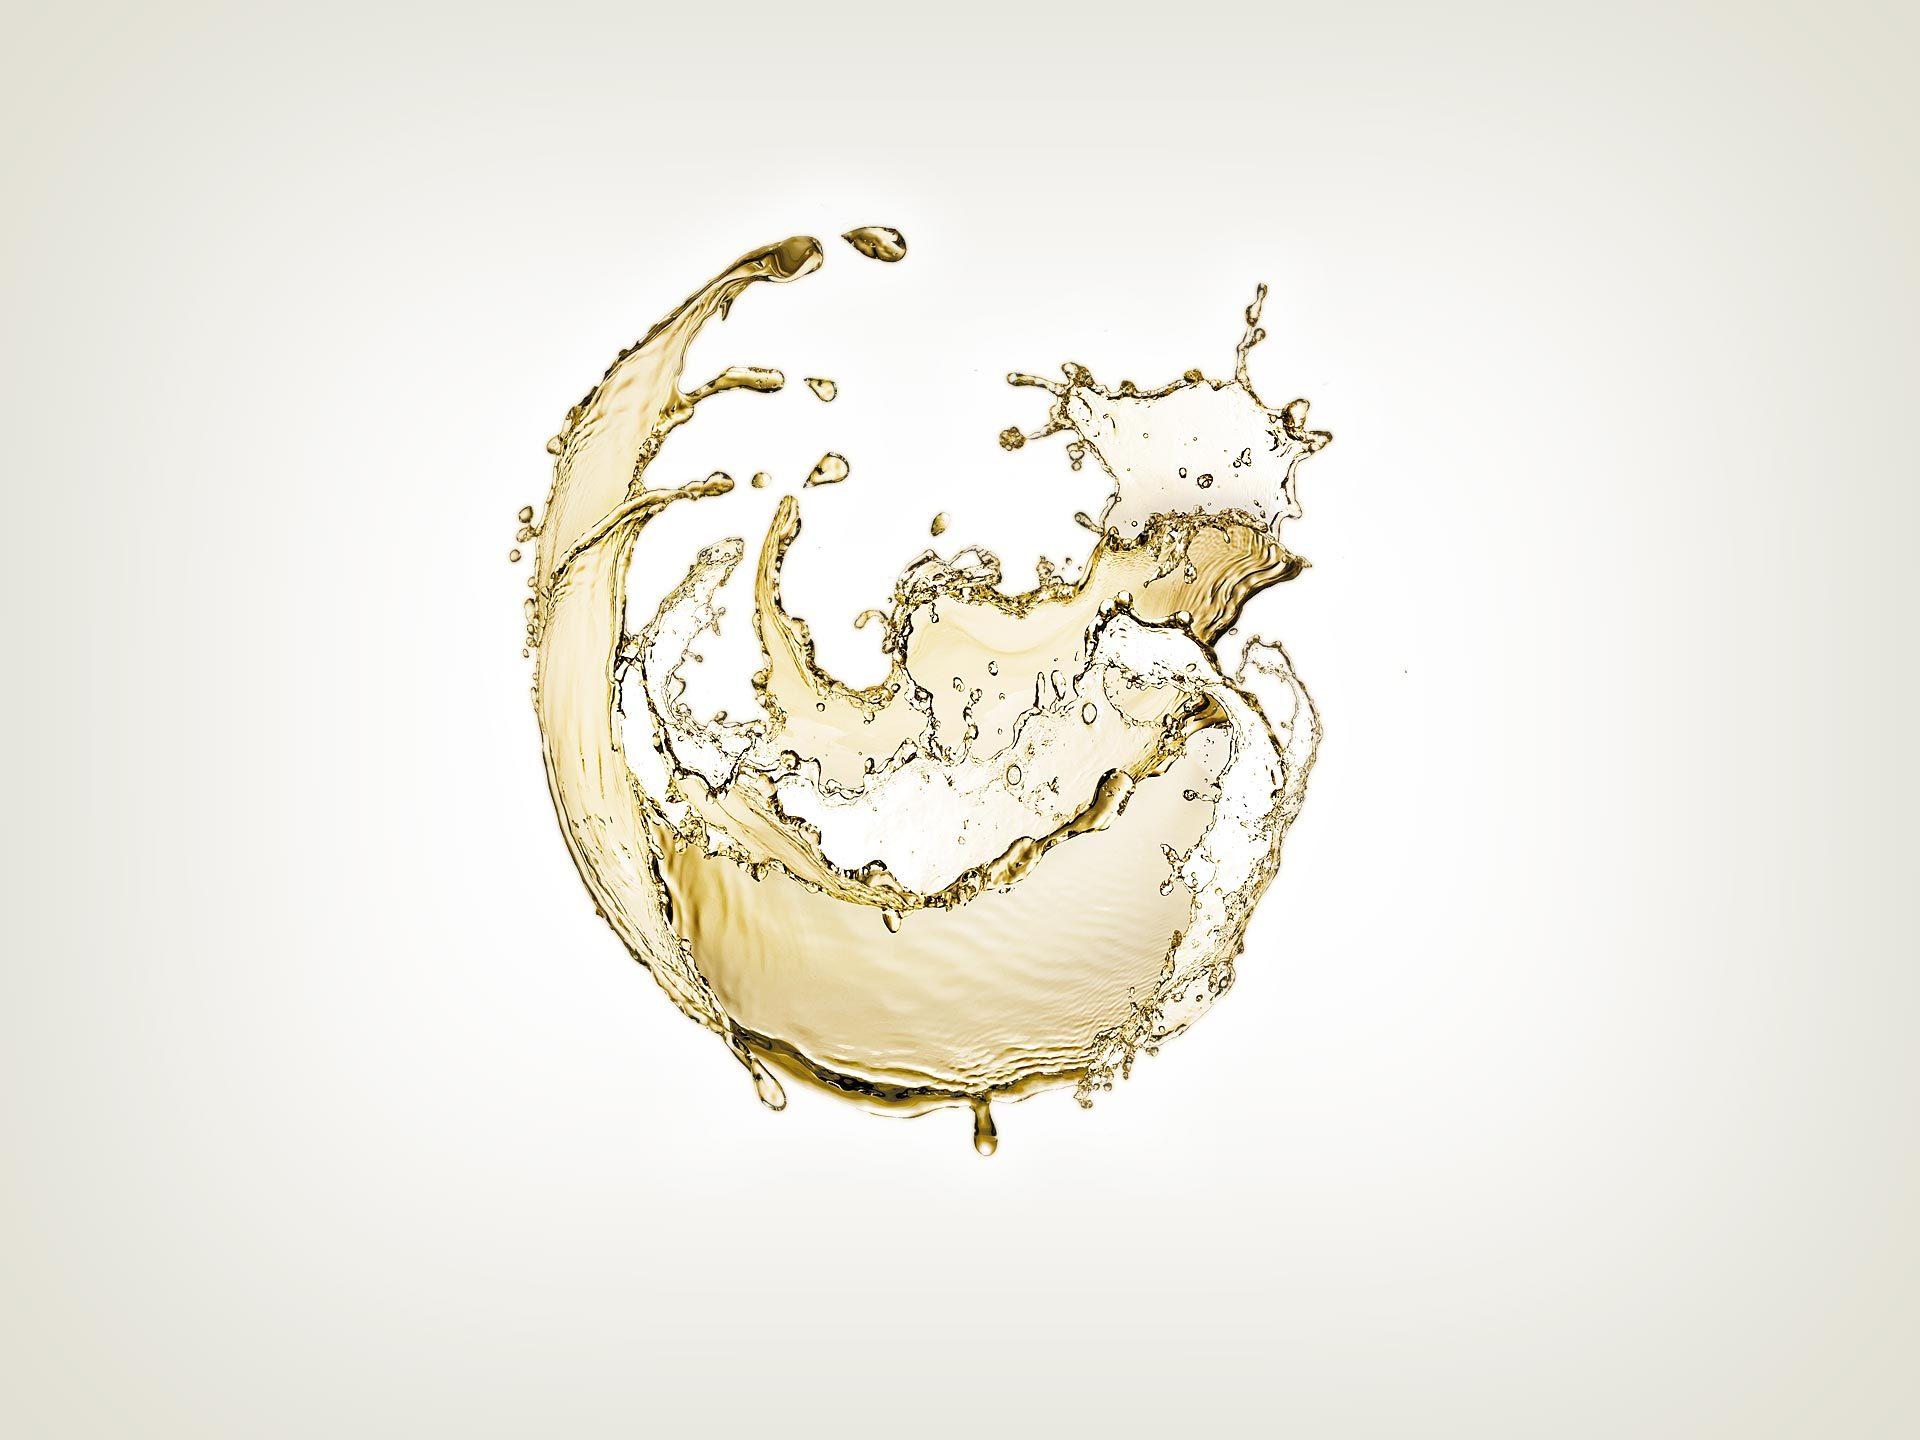 Progettazione logo e corporate identity per Consorzio Vermentino di Gallura